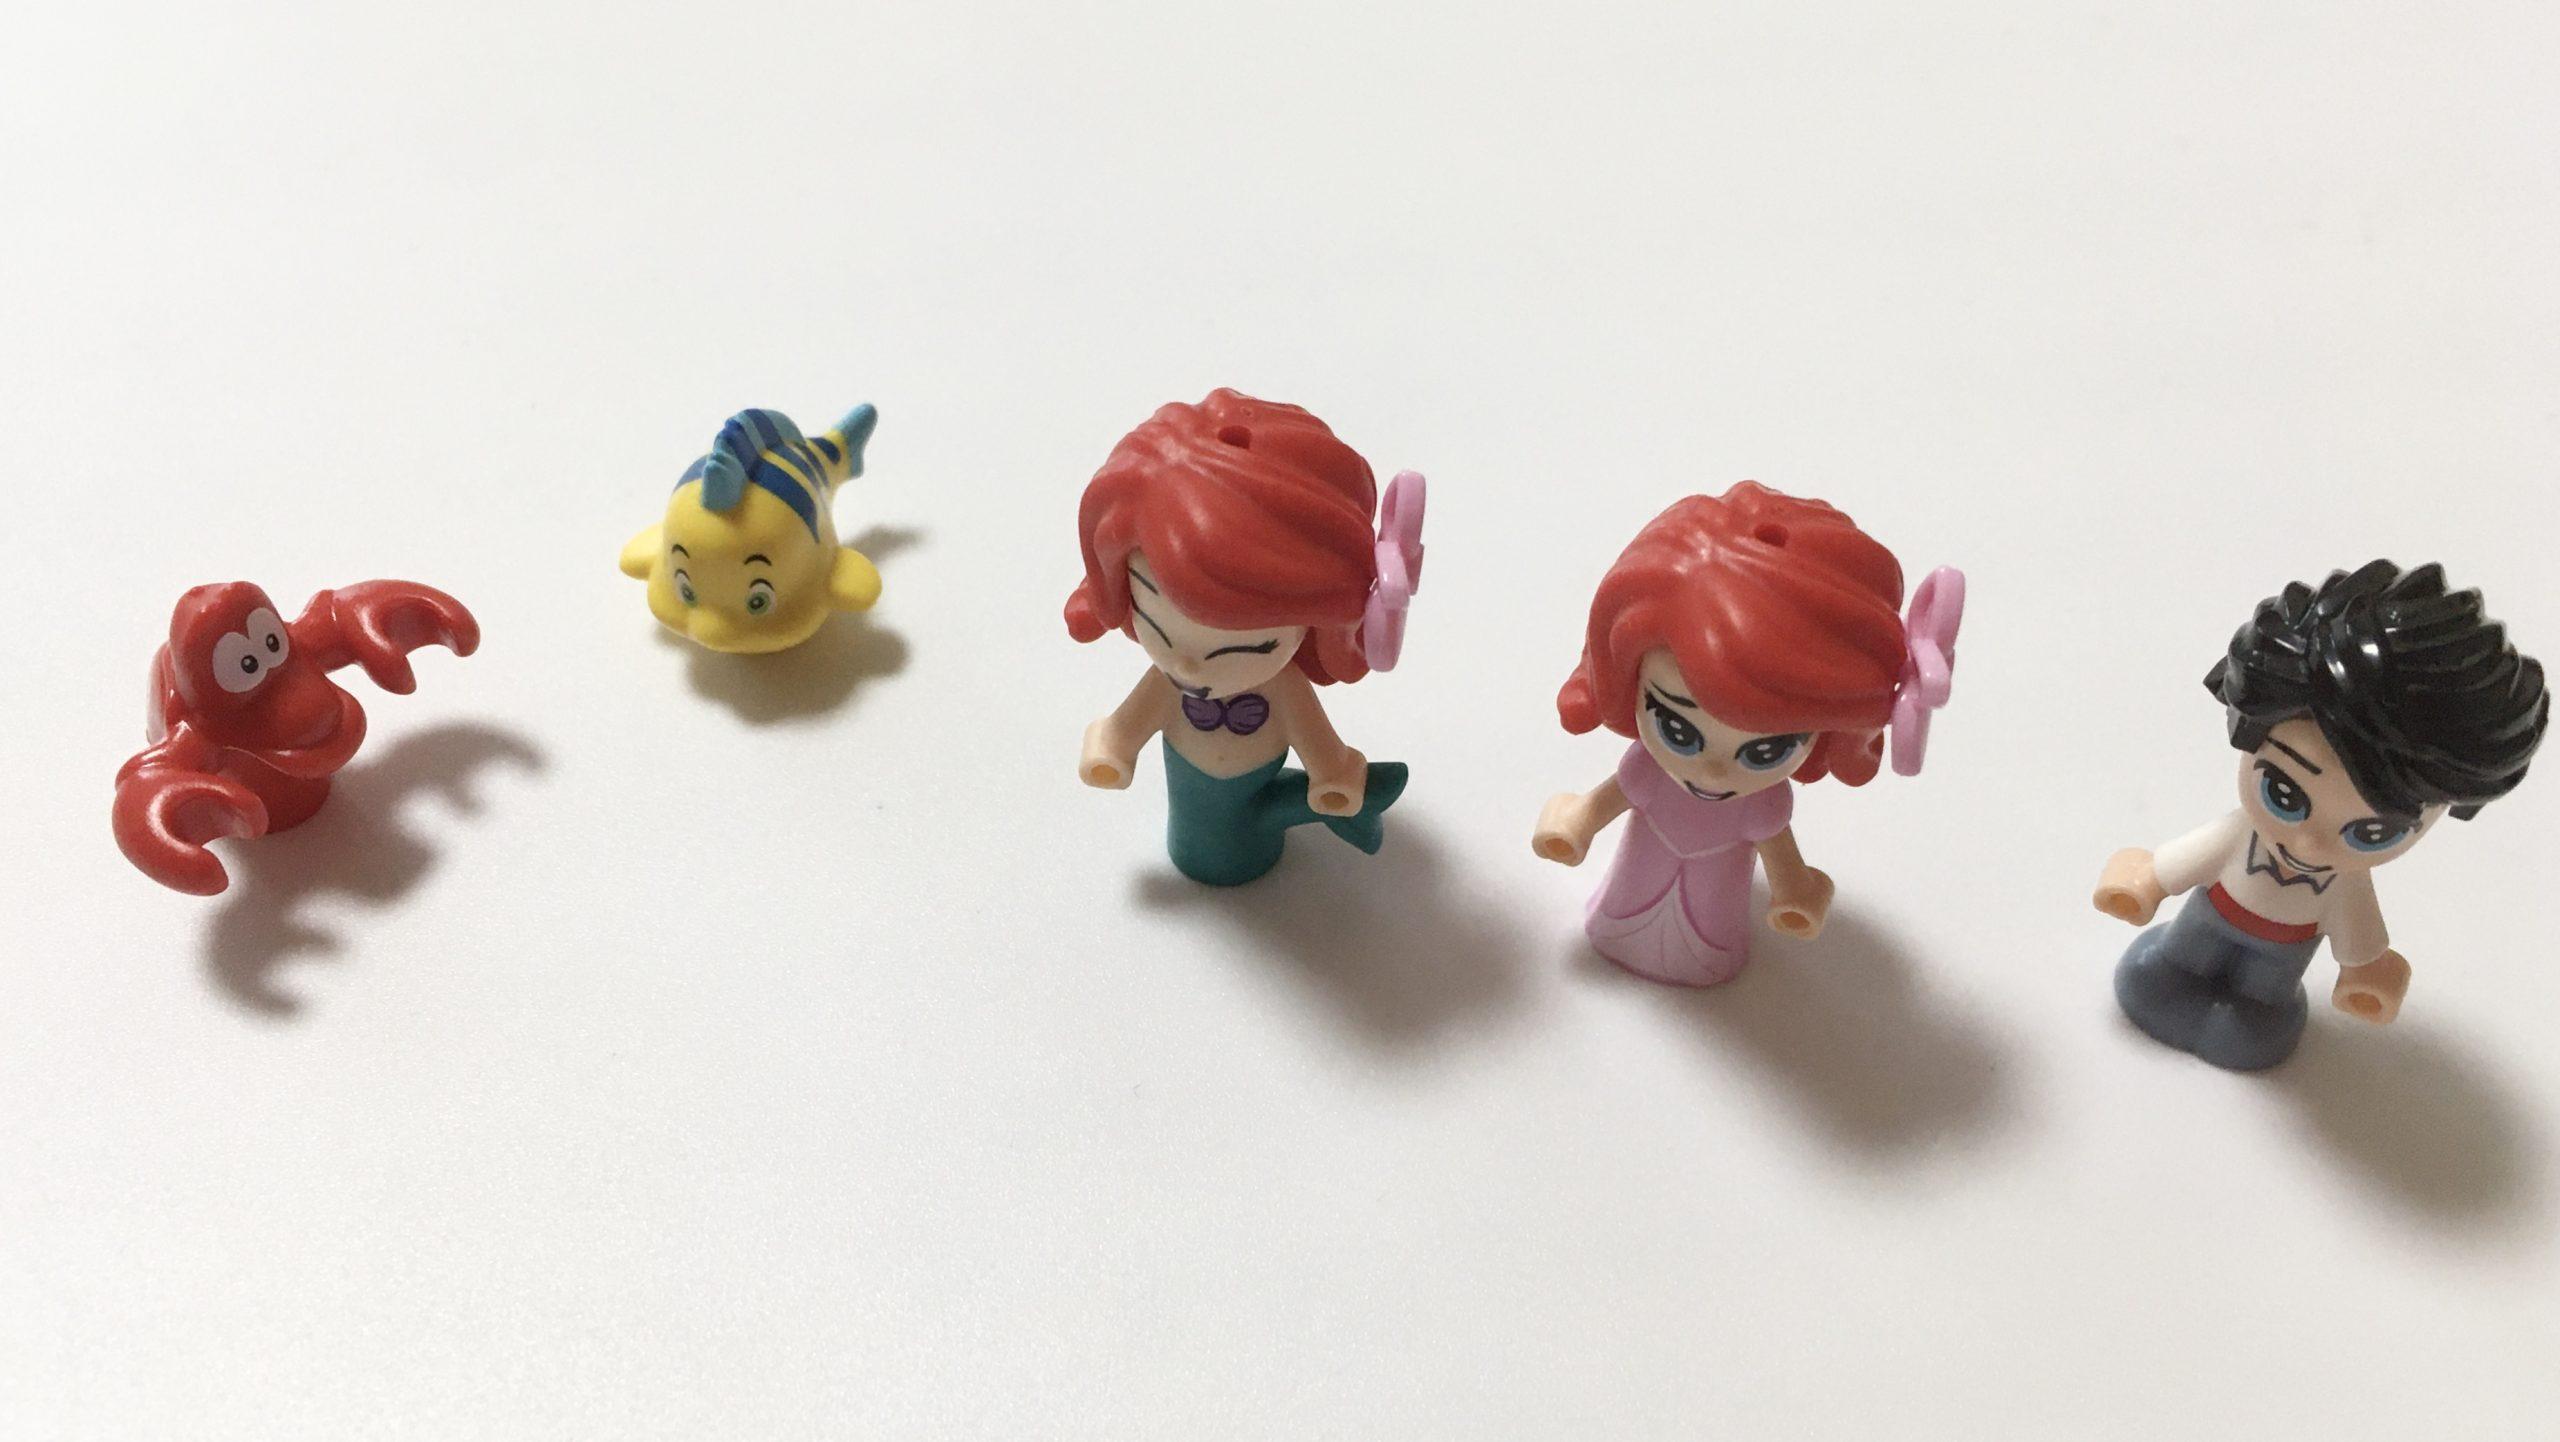 人形も通常のレゴより小さいサイズ感